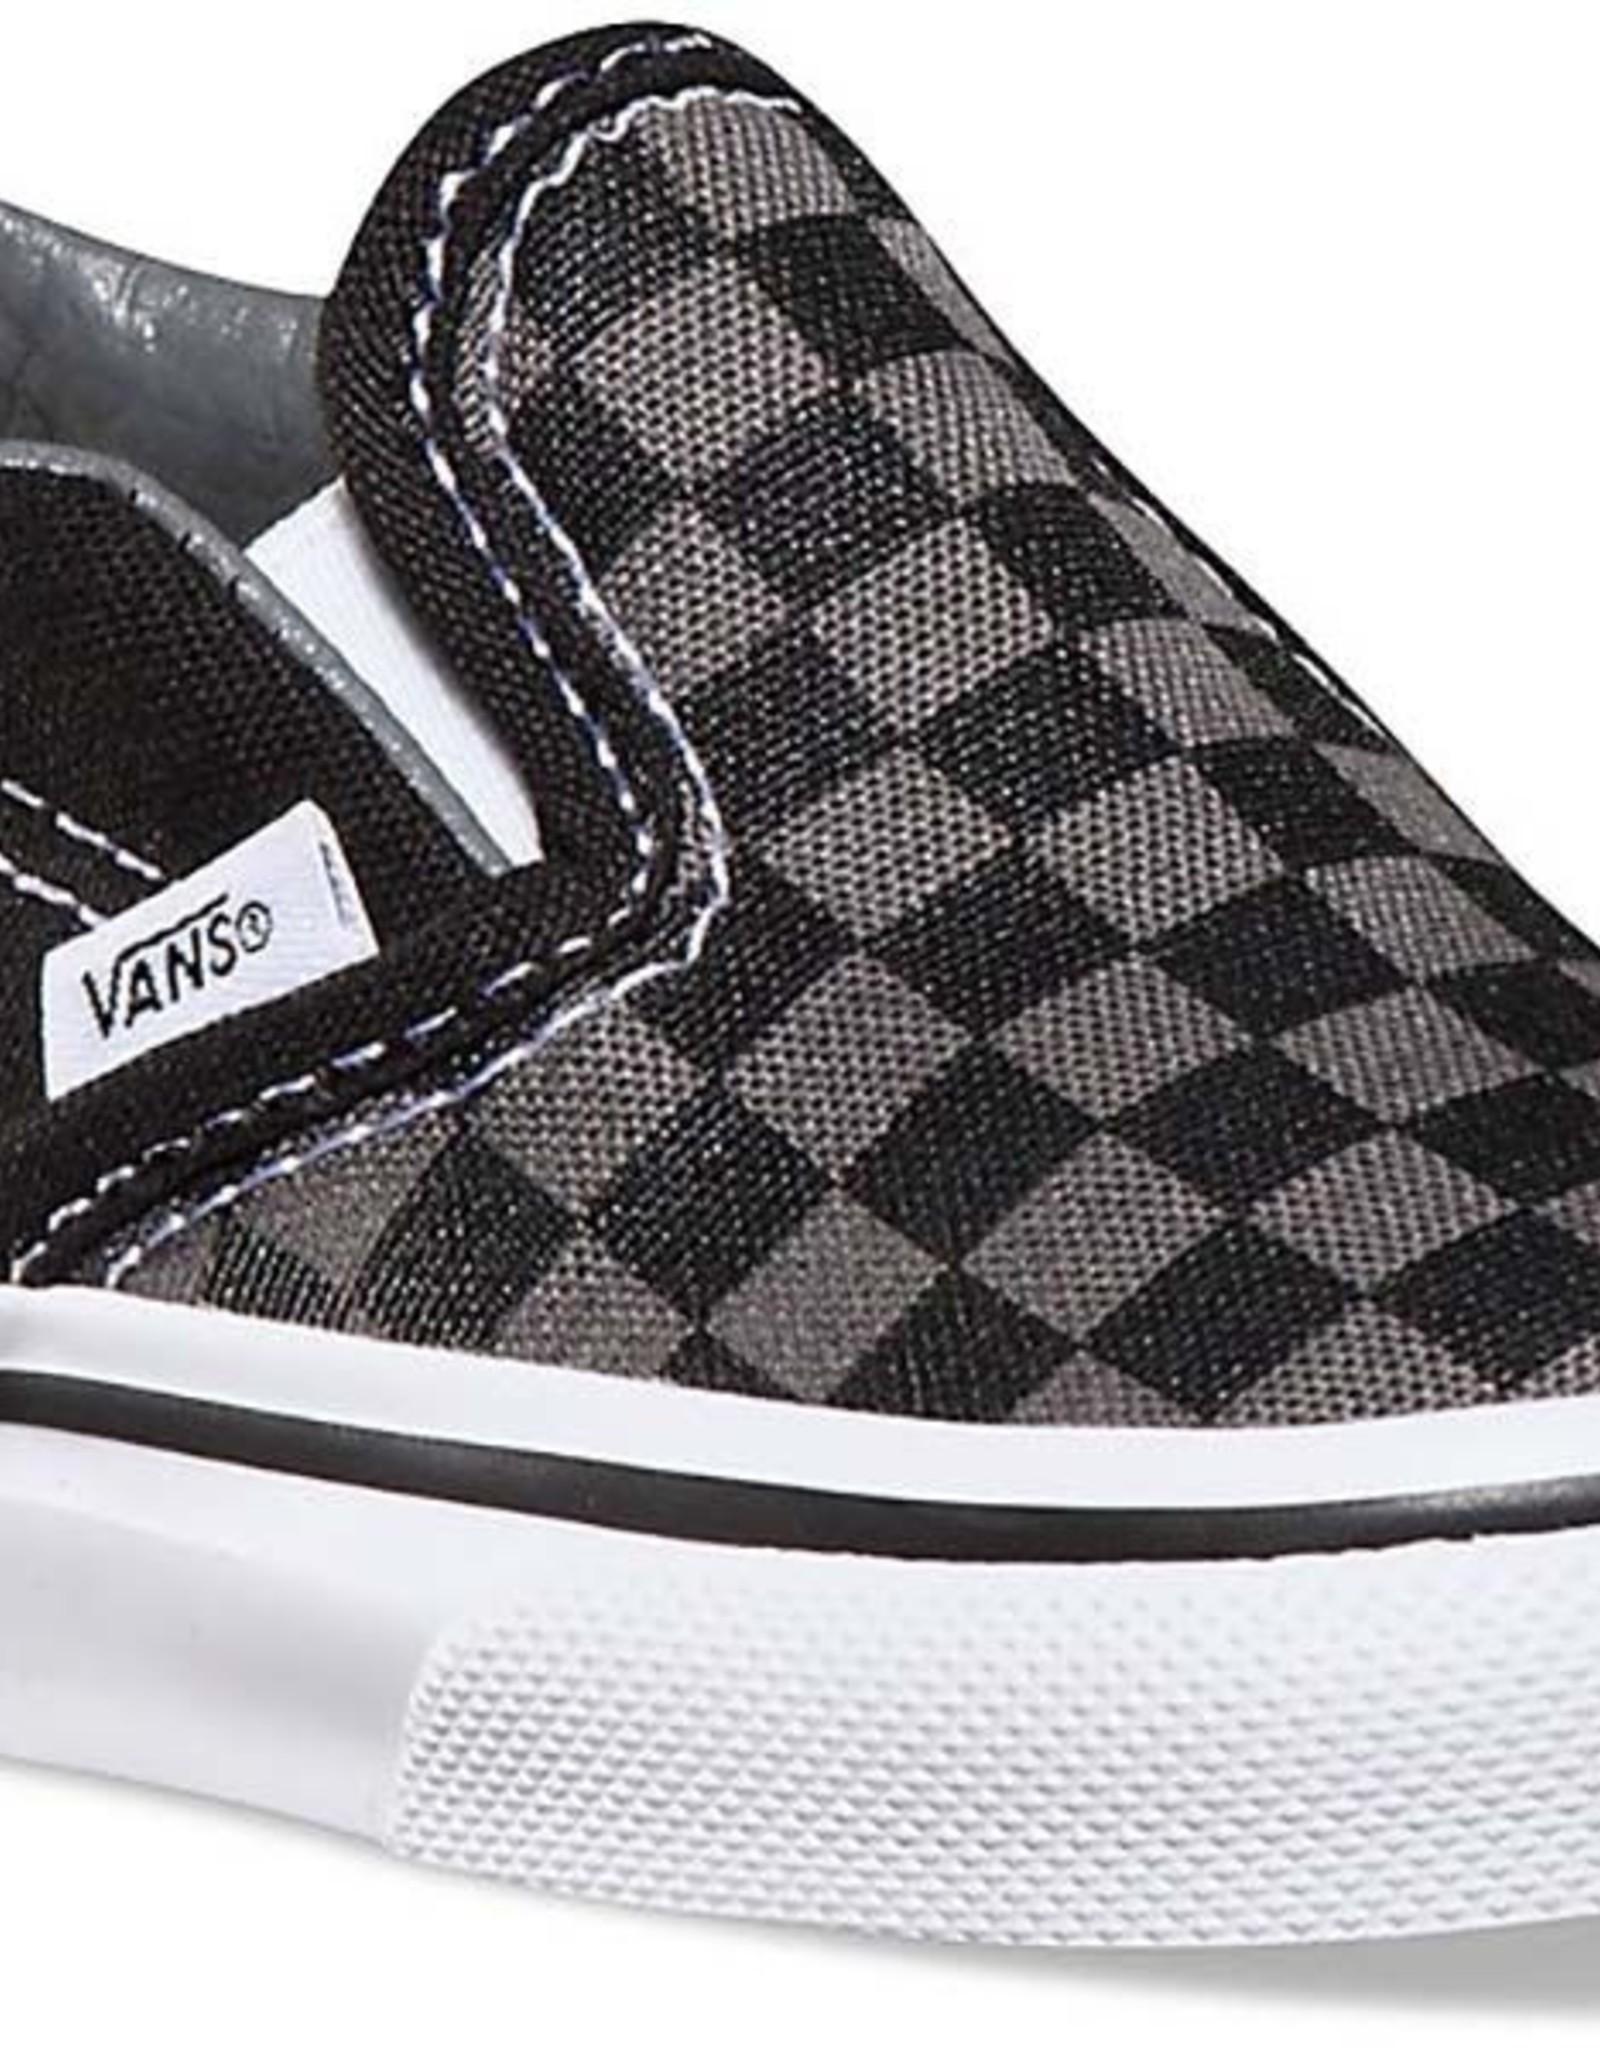 Vans Slip-On Pewter Checkerboard